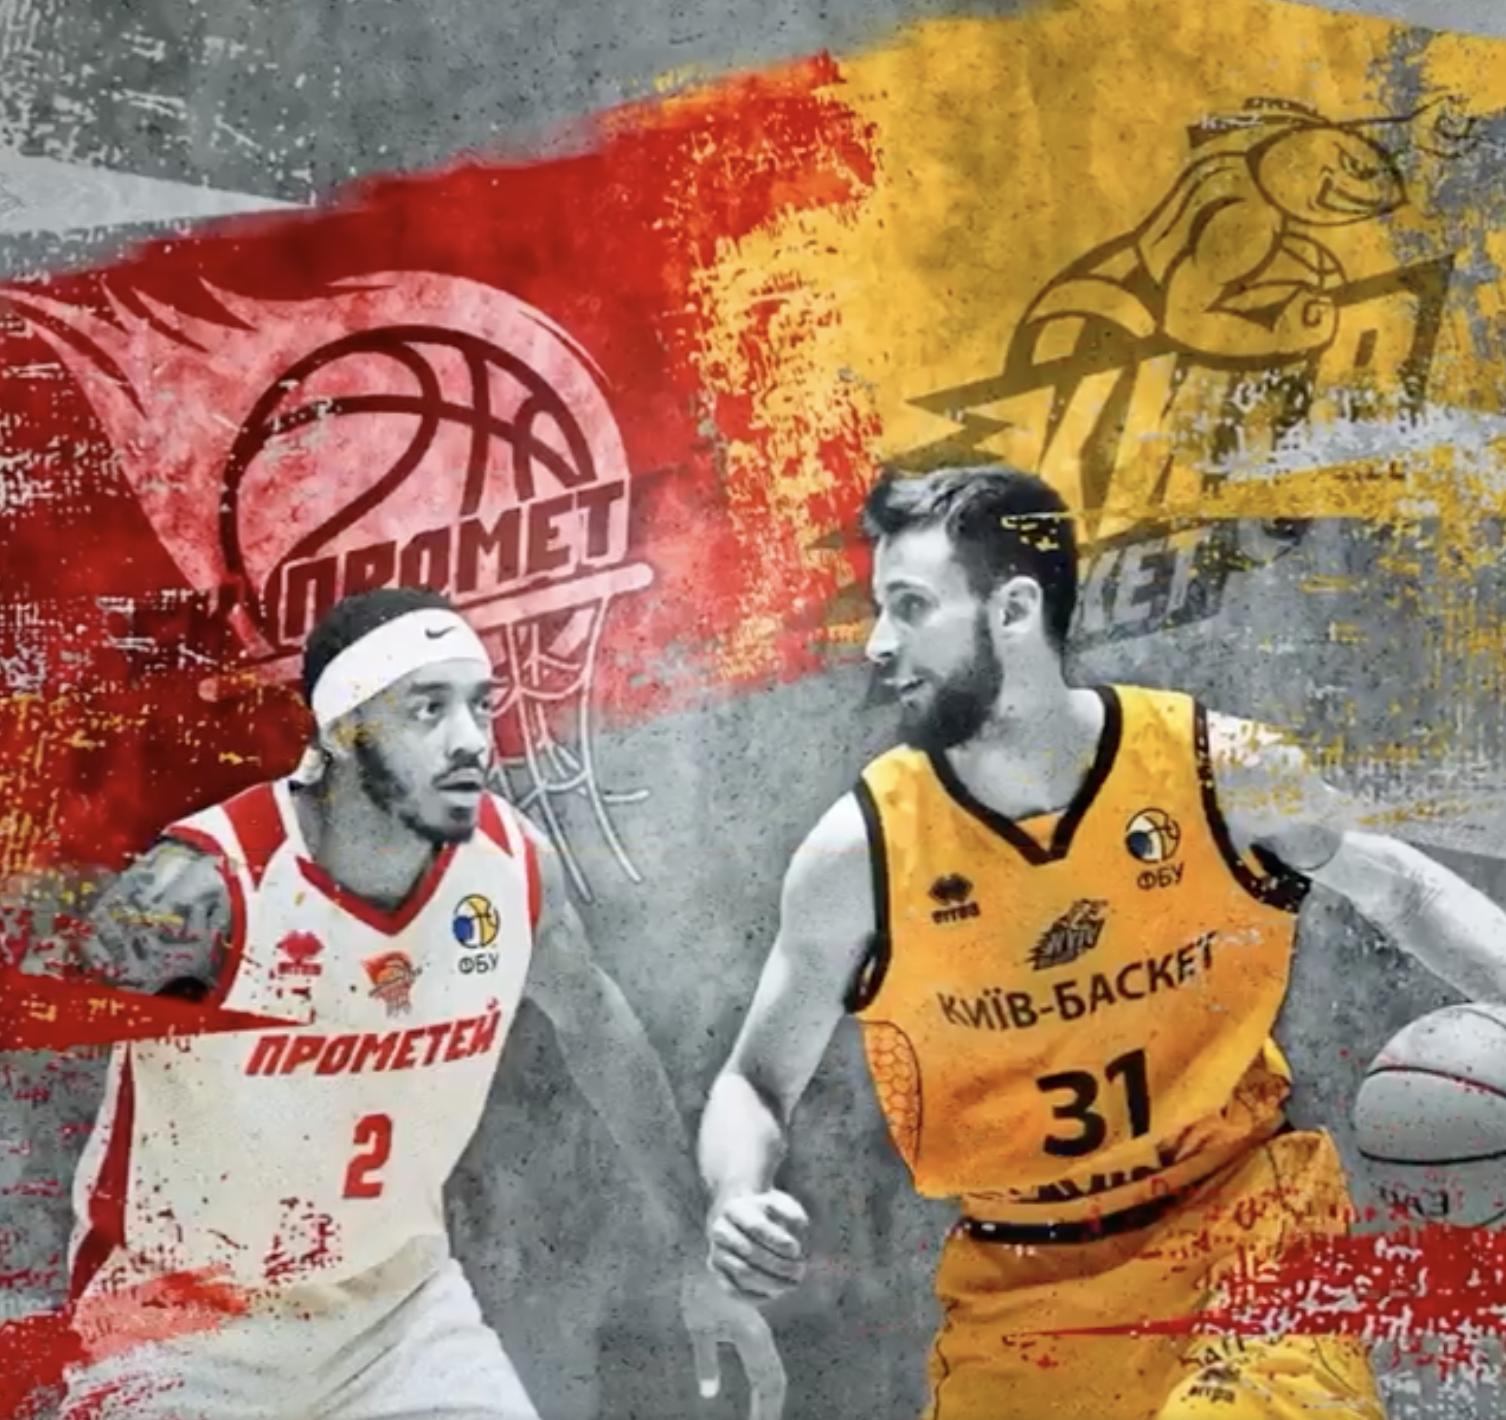 Центральний матч тижня: супербитва Прометея та Київ-Баскета в Кам'янському